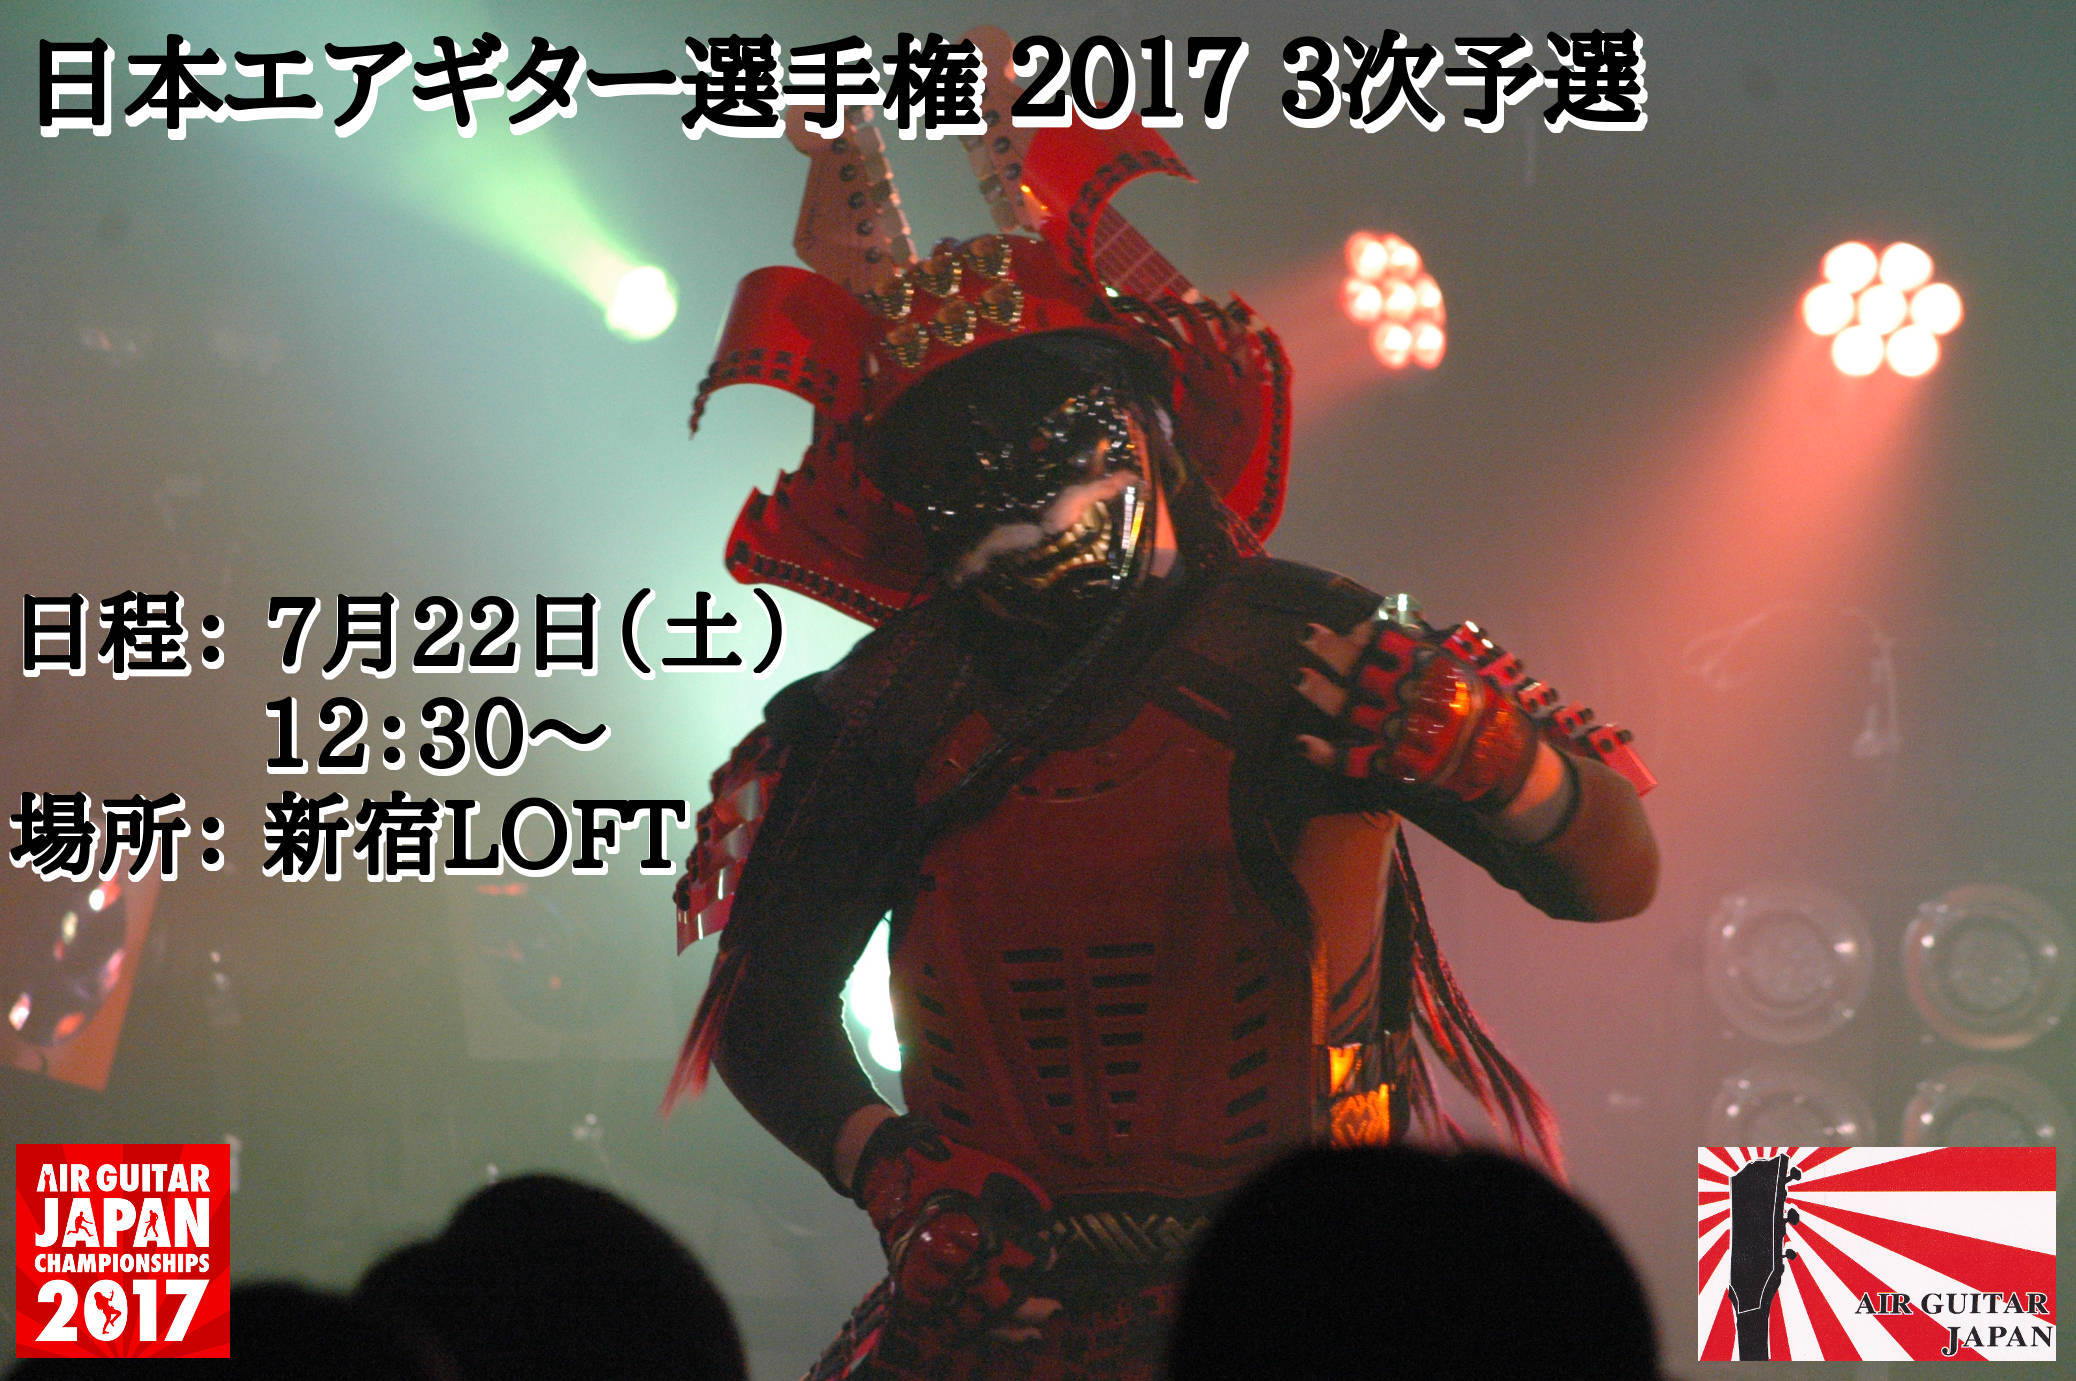 エアギター20173次予選mid